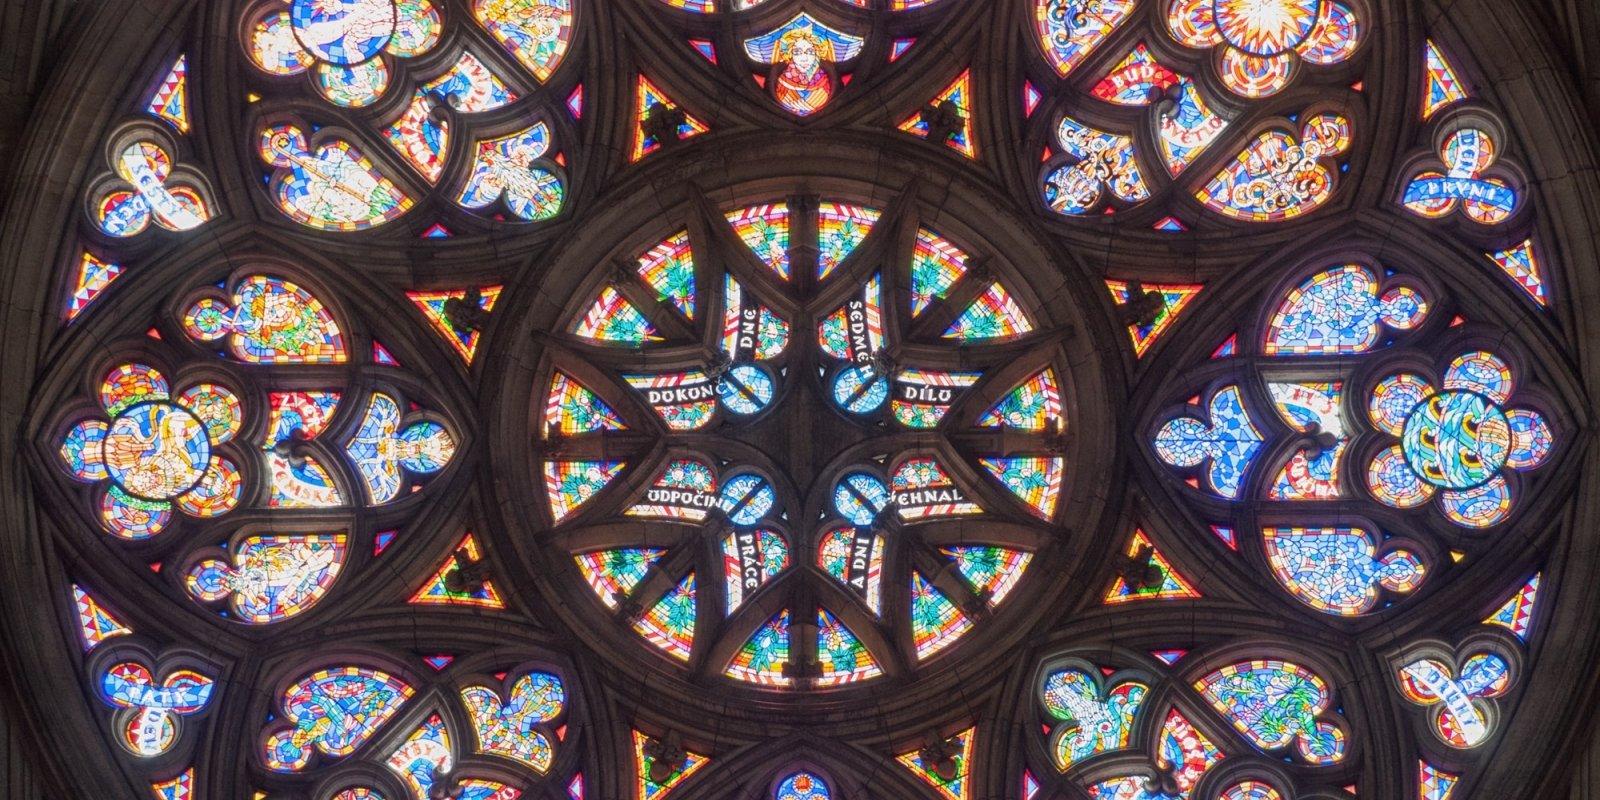 Rozeta Stvoření světa v Katedrále sv. Víta, Václava a Vojtěcha © Michal Fic